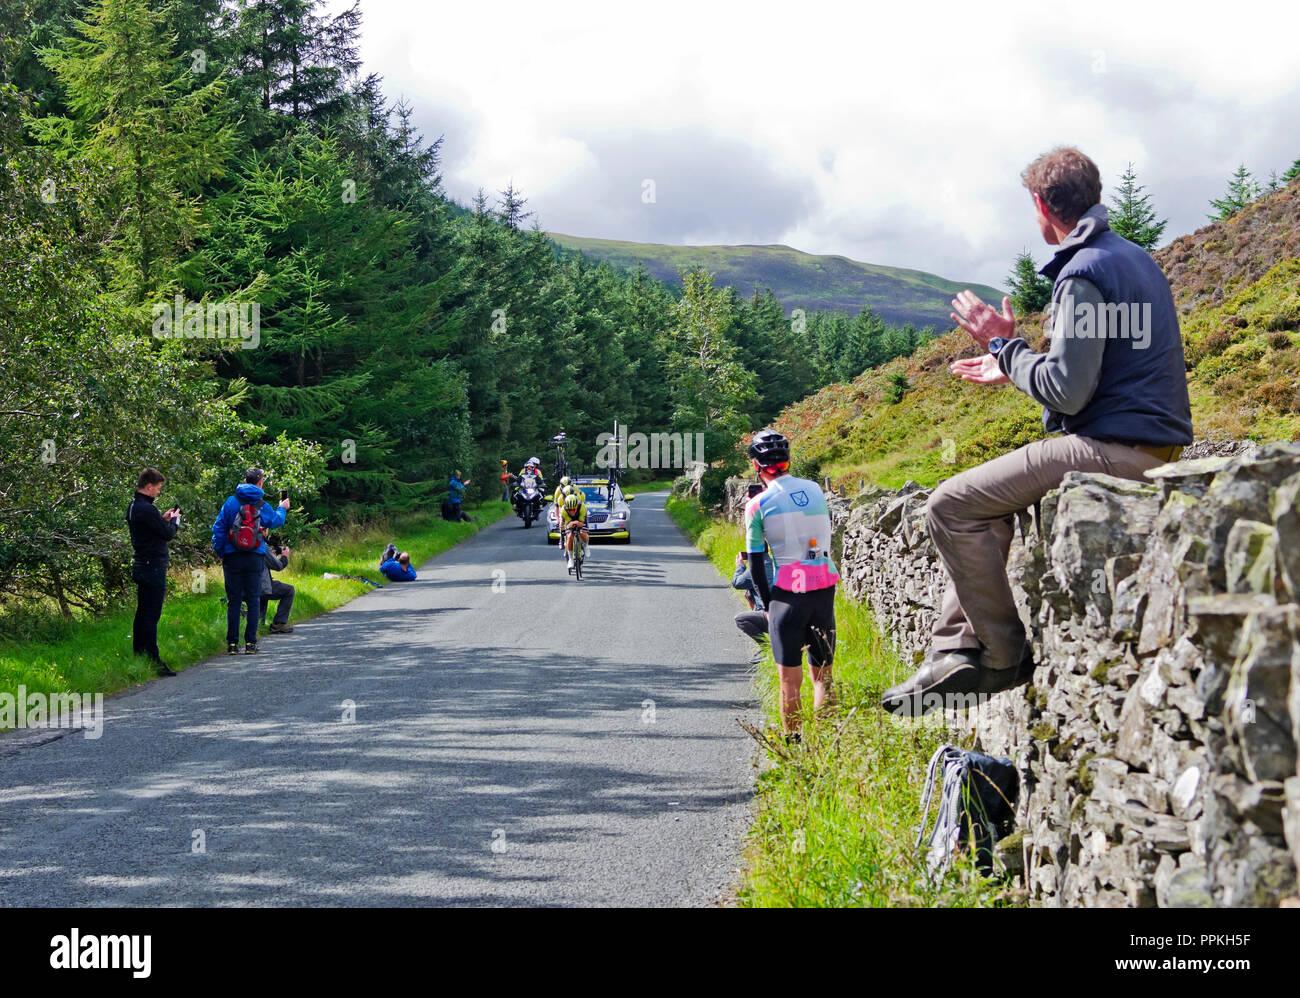 Stufe 5 Tour durch Großbritannien 2018. Zuschauer sitzen auf dem trockenen Steinmauer begrüßt Ankunft von Michelton Scott im Mannschaftszeitfahren, Whinlatter Pass, Cumbria. Stockbild